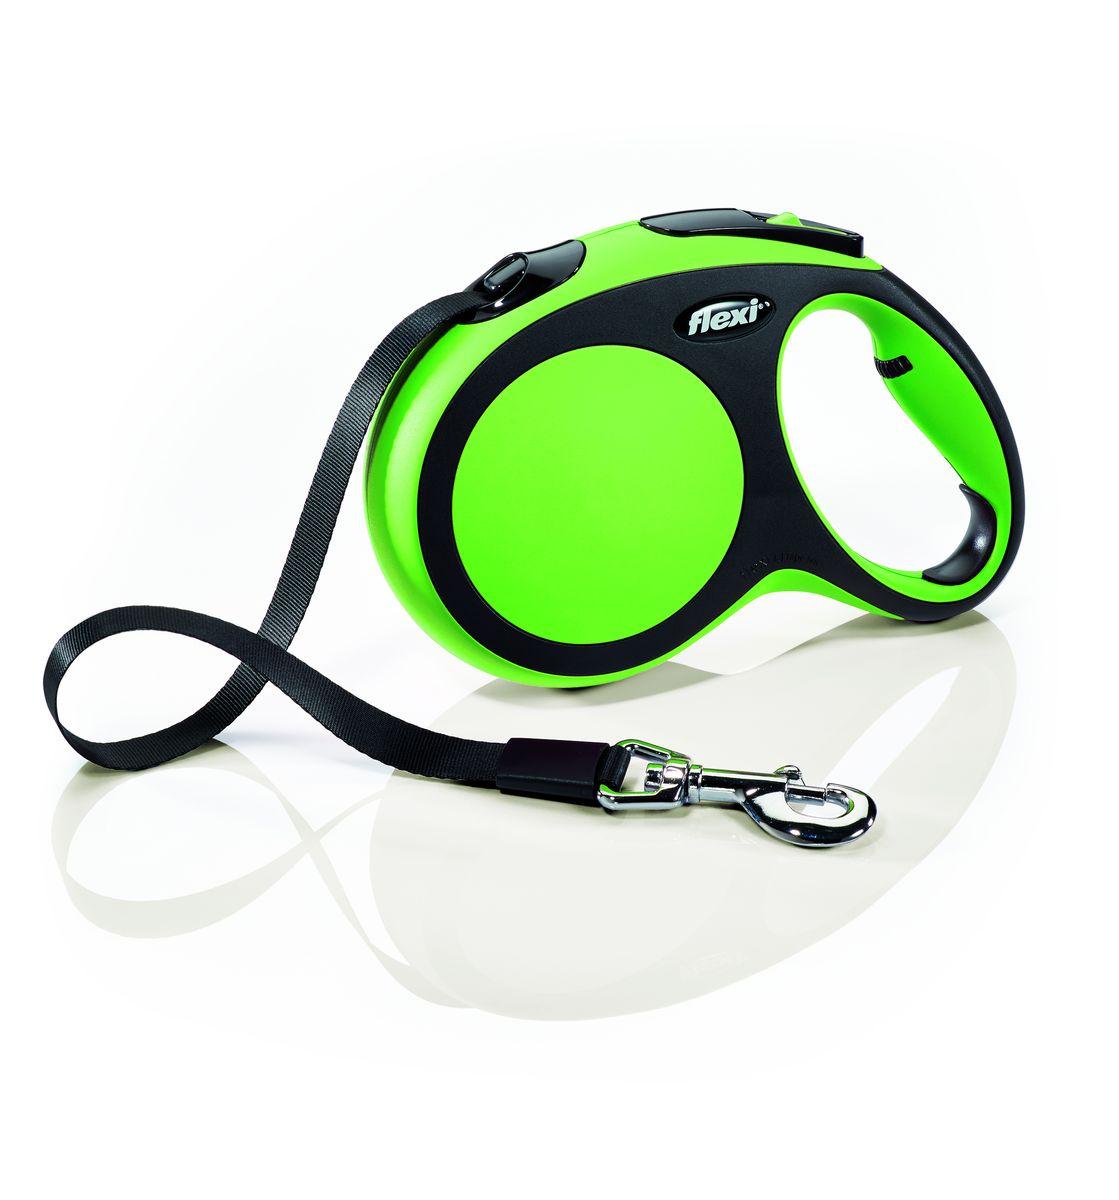 Поводок-рулетка Flexi New Comfort L, лента, для собак весом до 60 кг, цвет: черный, зеленый, 5 м28322Ленточный поводок-рулетка обеспечивает собаке свободу движения, что идет на пользу здоровью и радует Вашего четвероногого друга. Рулетка очень проста в использовании. Оснащена кнопками кратковременной и постоянной фиксации. Рулетку можно оснастить - мультибоксом для лакомств или пакетиков для сбора фекалий, LED подсветкой корпуса. Прочный корпус, хромированная застежка и светоотражающие элементы. Лента поводка автоматически сматывается и поводок в процессе использования не провисает, не касается грунта и таким образом не пачкается и не перетирается. Поводок не нужно подбирать руками когда питомец подошел ближе, таким образом Ваши руки всегда чистые. На рукоятке имеется регулировка размера для адаптации под размер руки Максимальный вес питомца: 50 кг Длина: 5 м